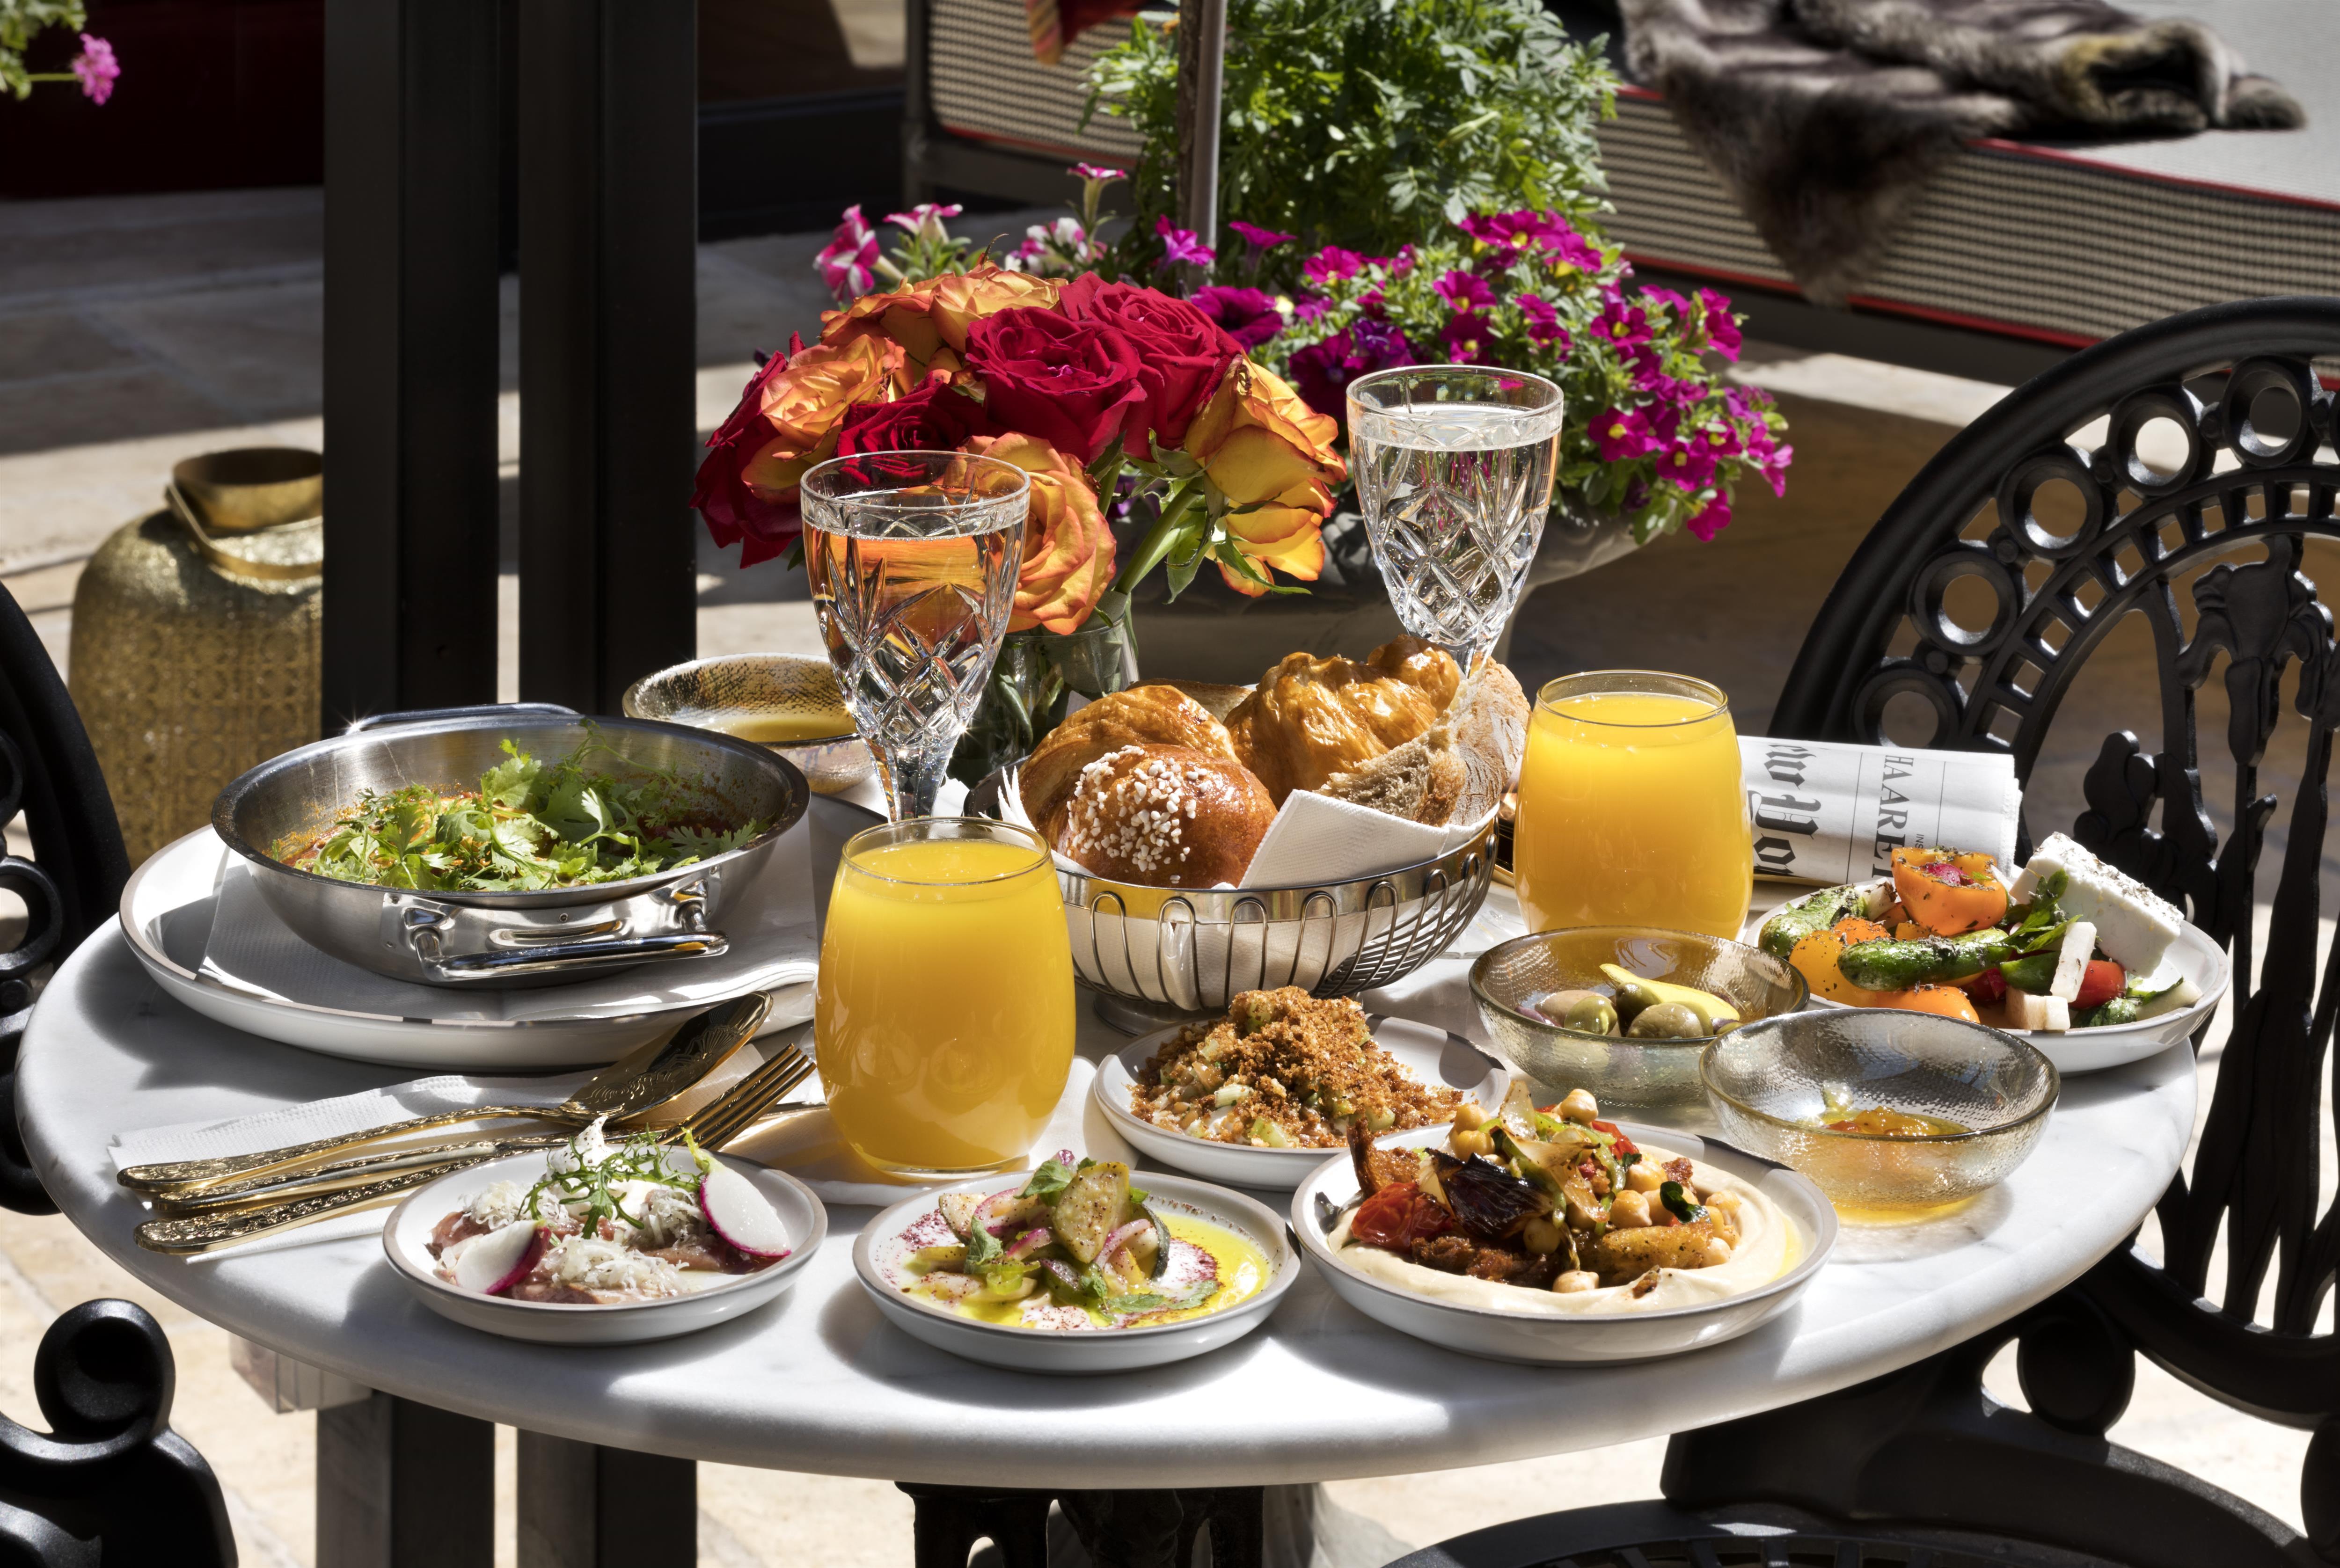 ארוחת בוקר בווילה בראון (צילום: אסף פינצ'וק)